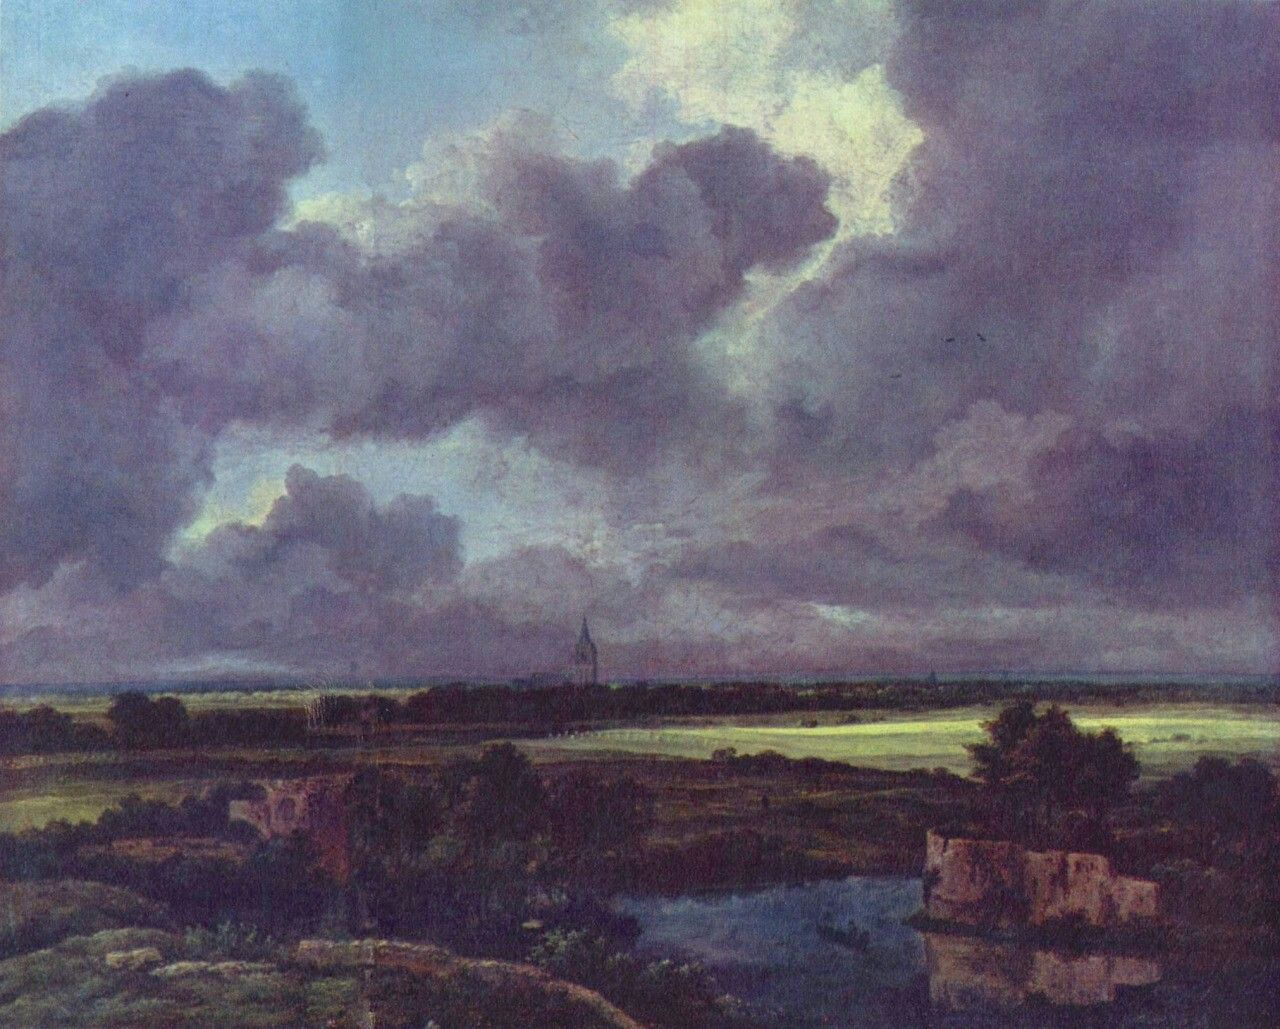 Landschaftsmalerei barock  Jacob Isaaksz. van Ruisdael. Weite Landschaft mit zerstörten ...